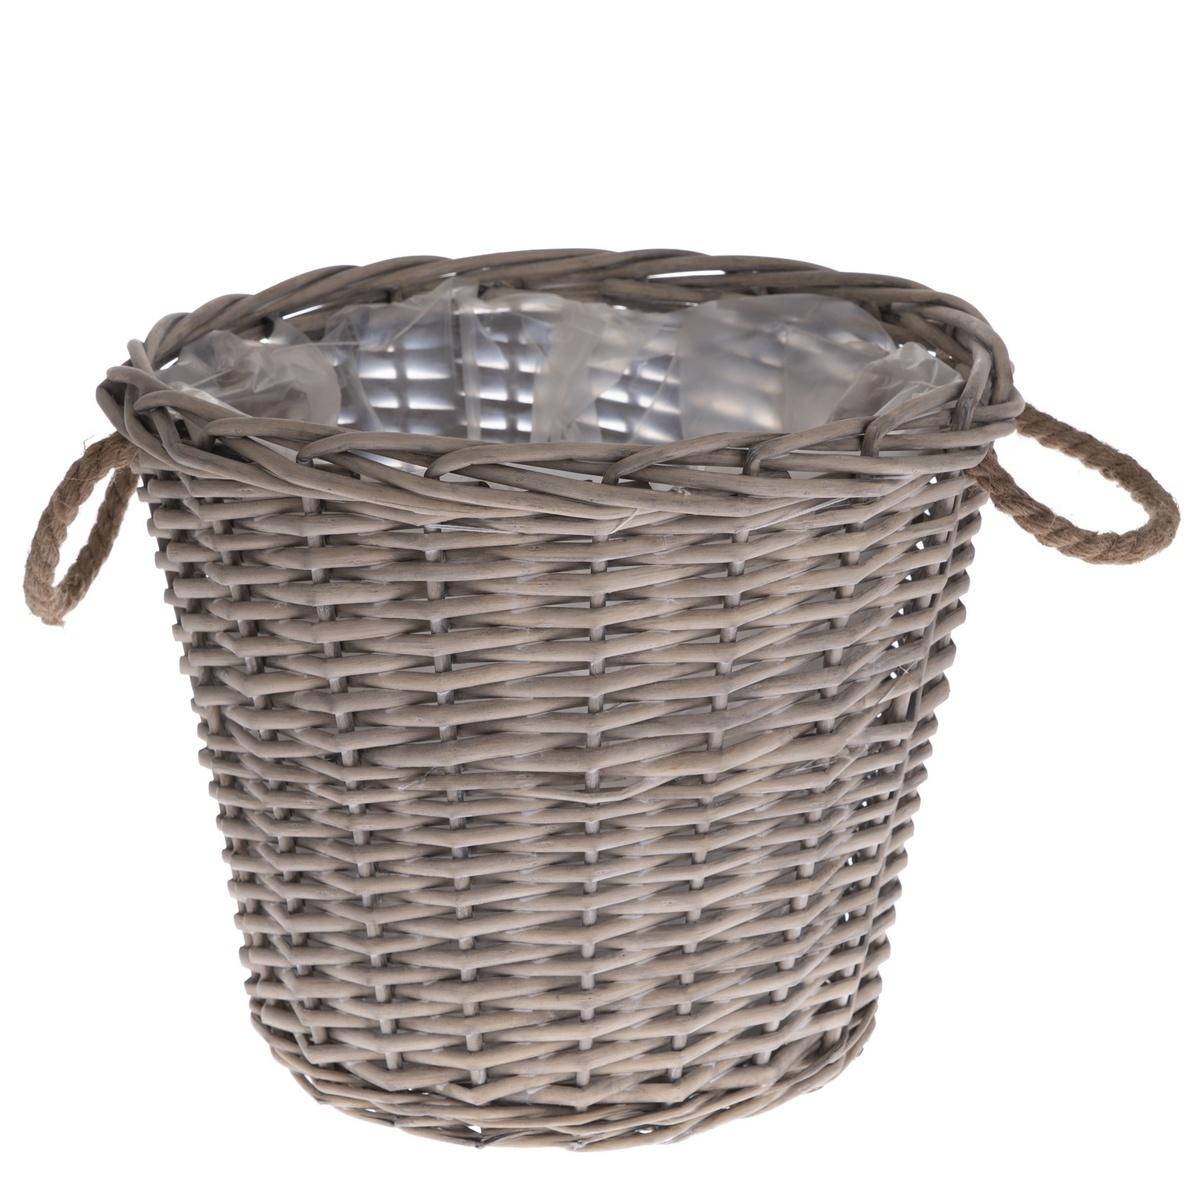 Proutěný košík s uchy Lingen, 35 x 30 x 35 cm